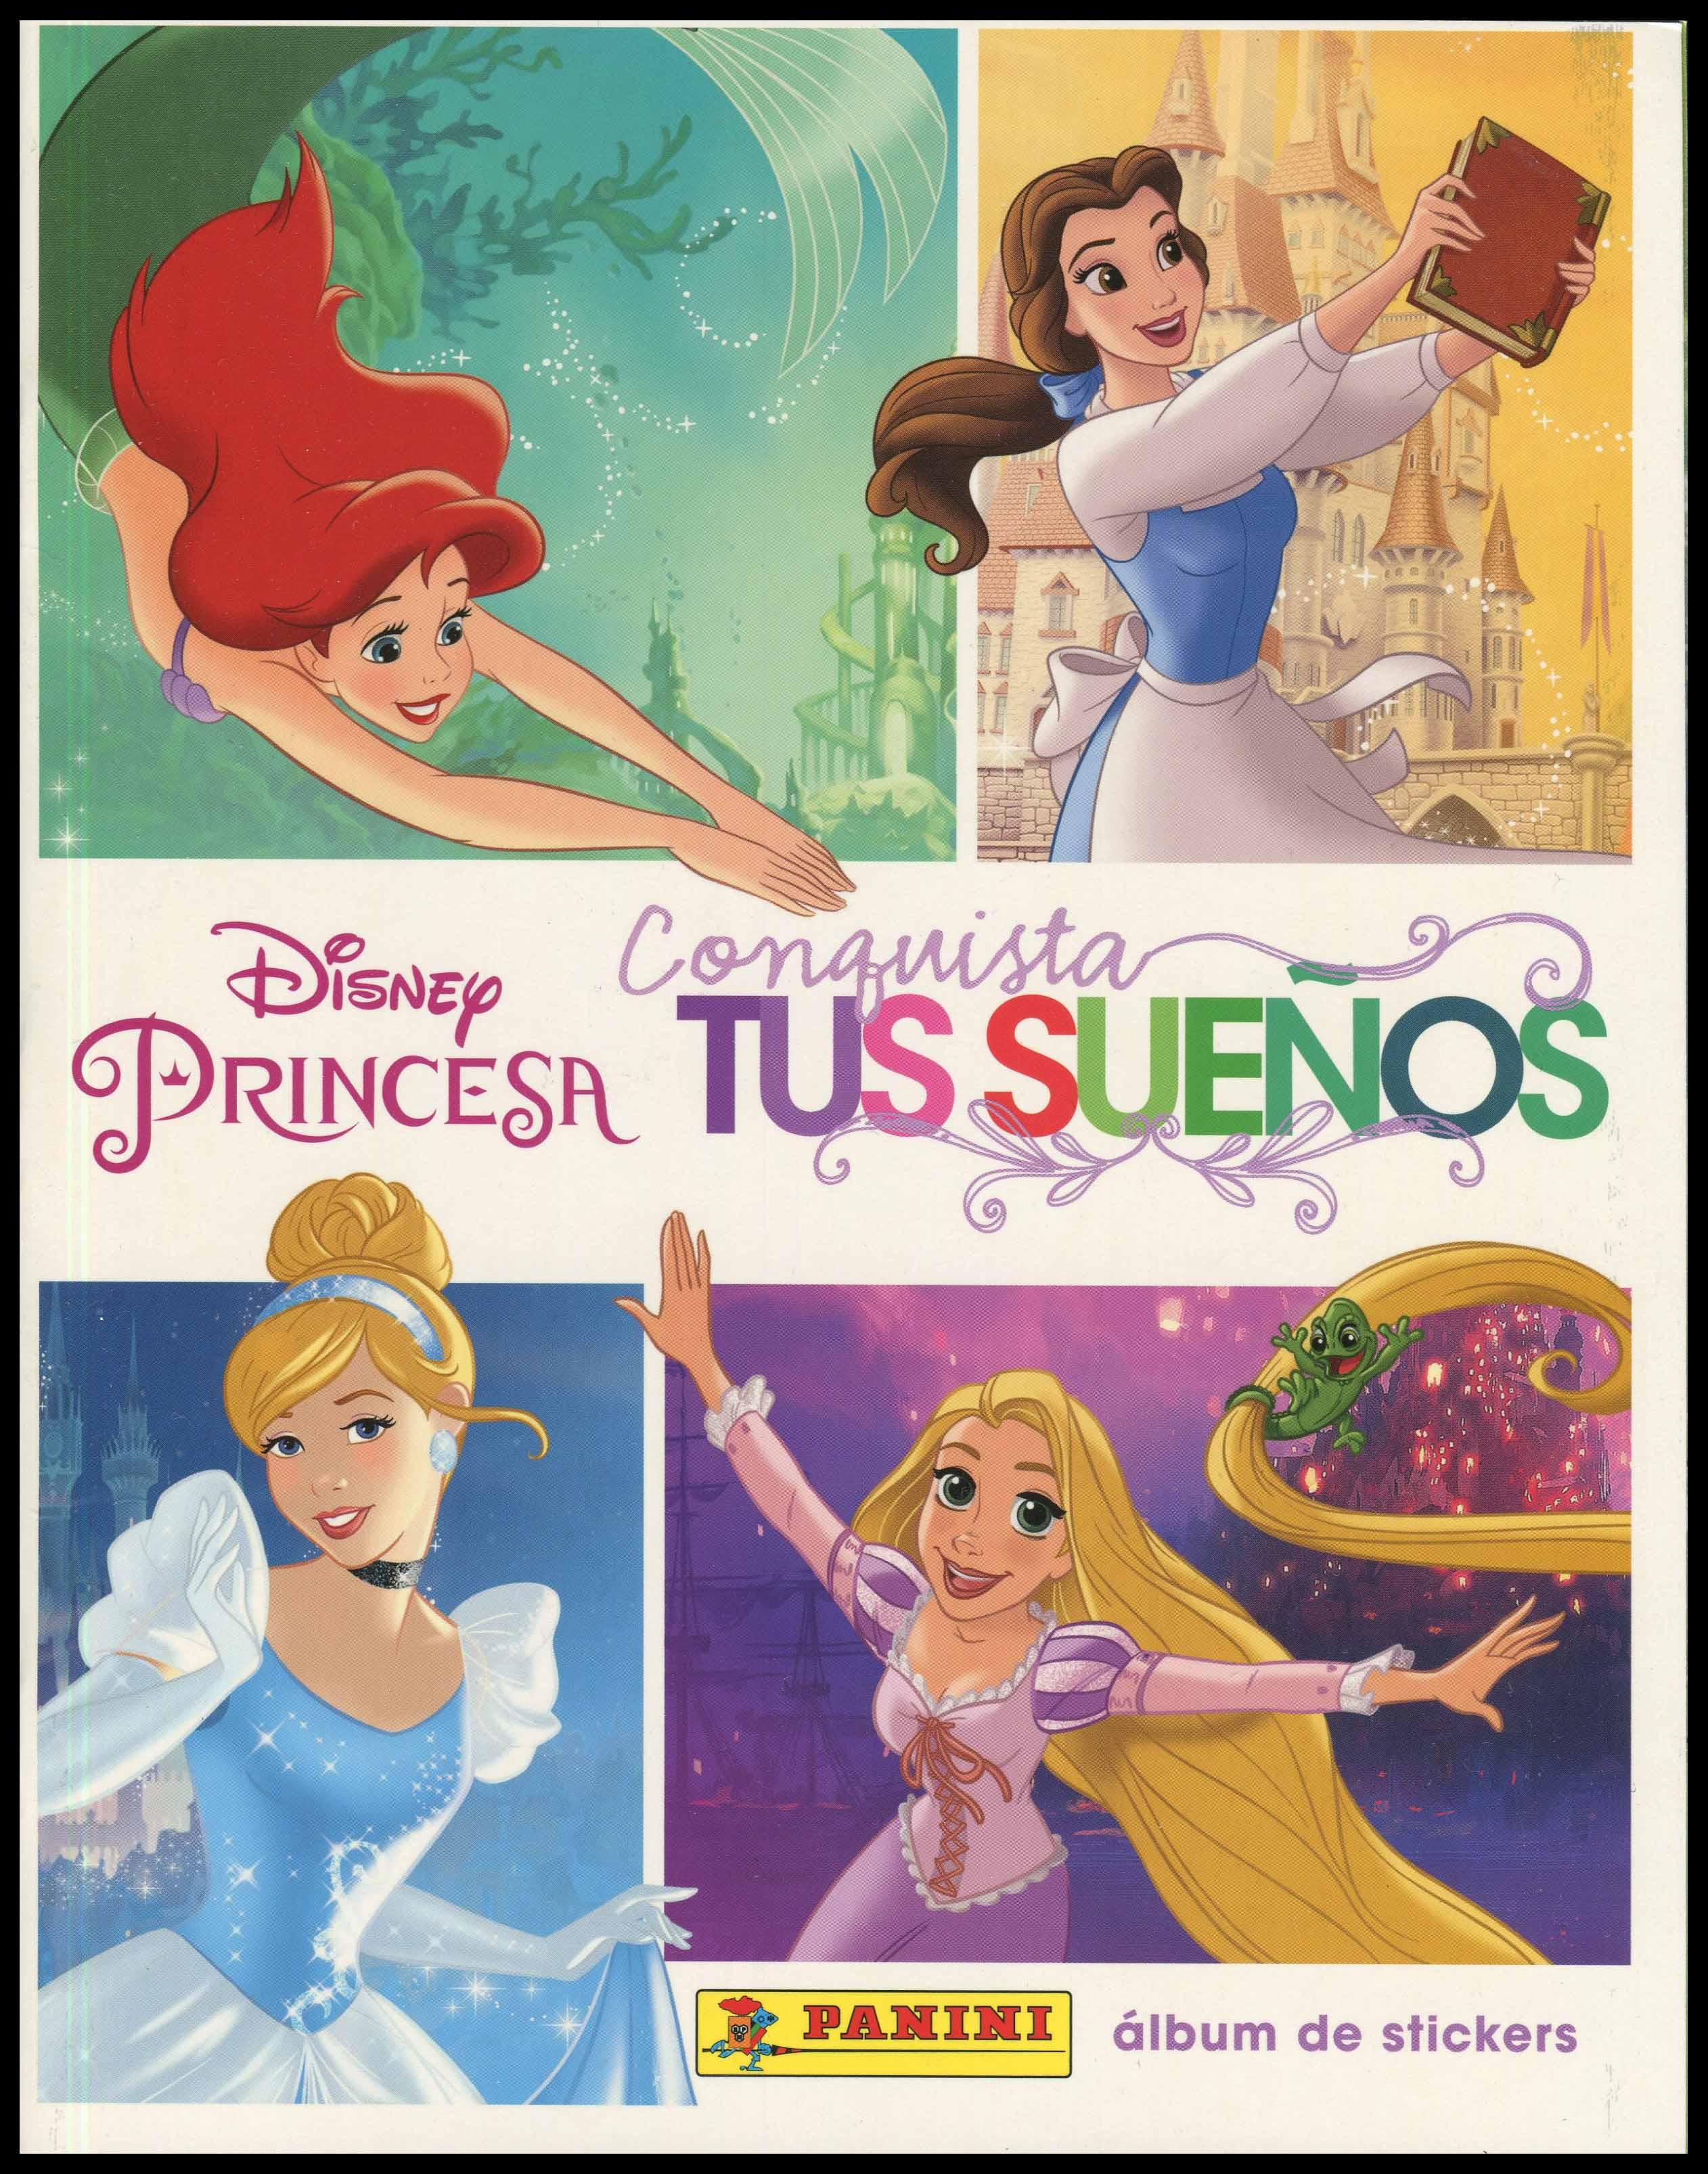 Disney Princesa - Conquista tus Sueños